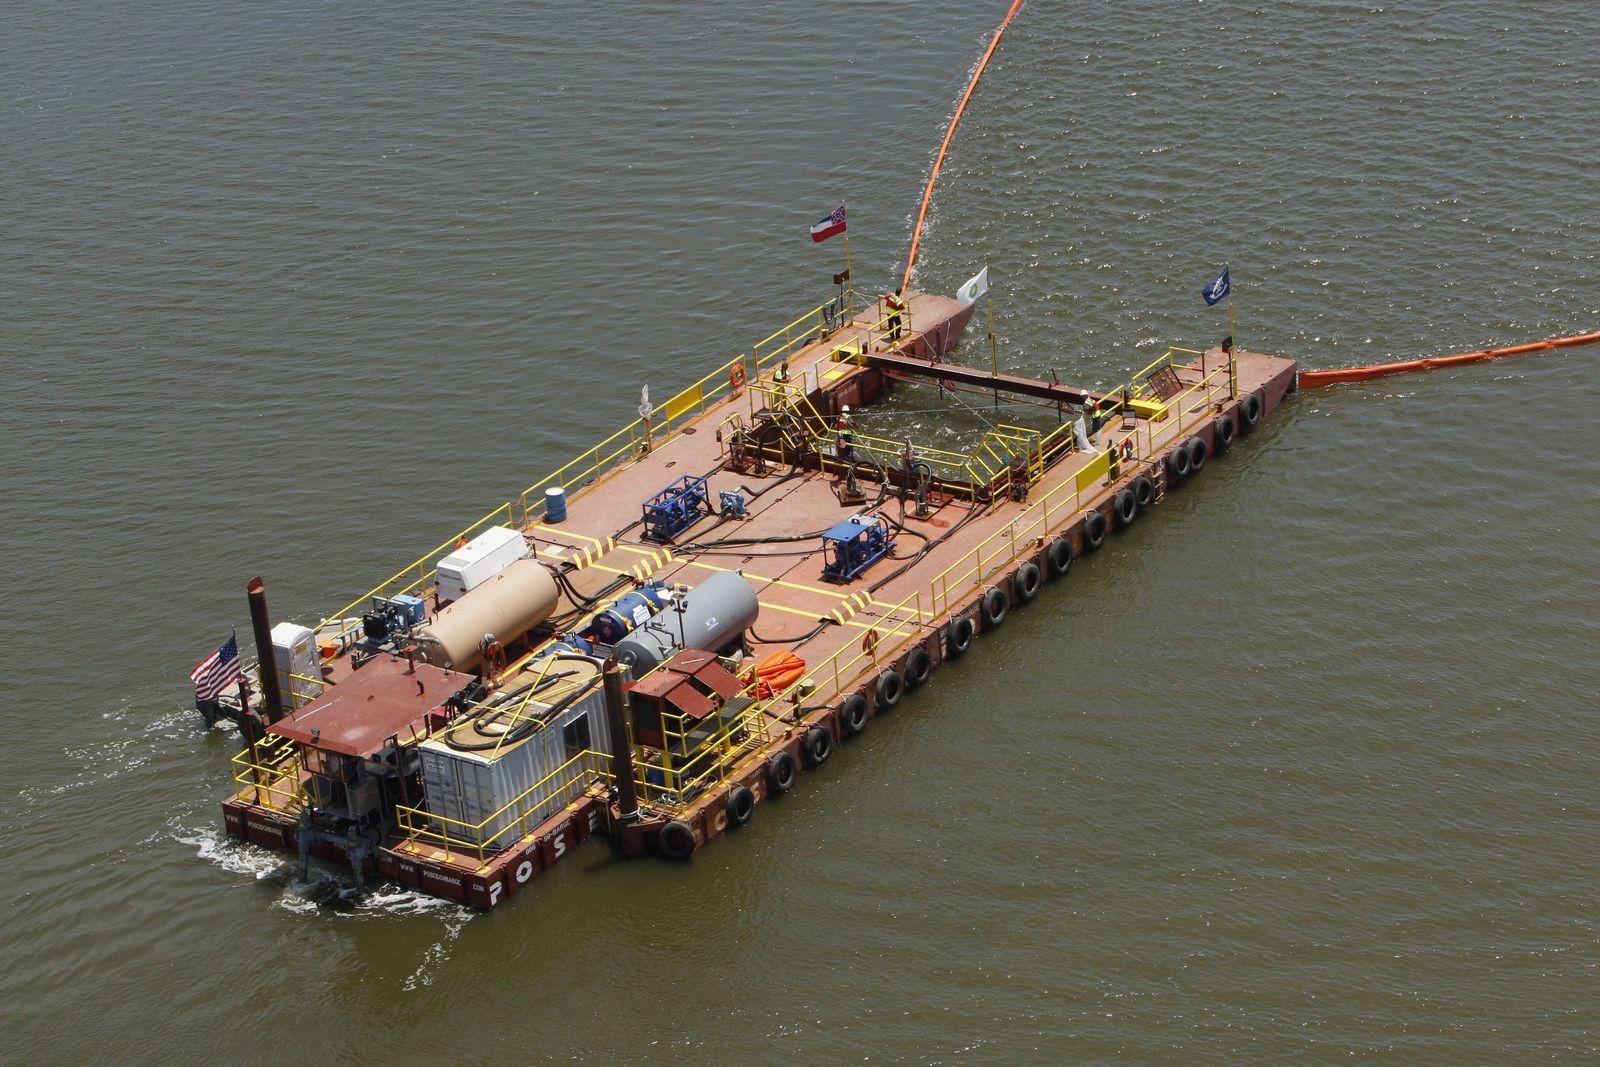 Ölpest im Golf von Mexiko - Absaugen des Wasser-Öl-Gemisches